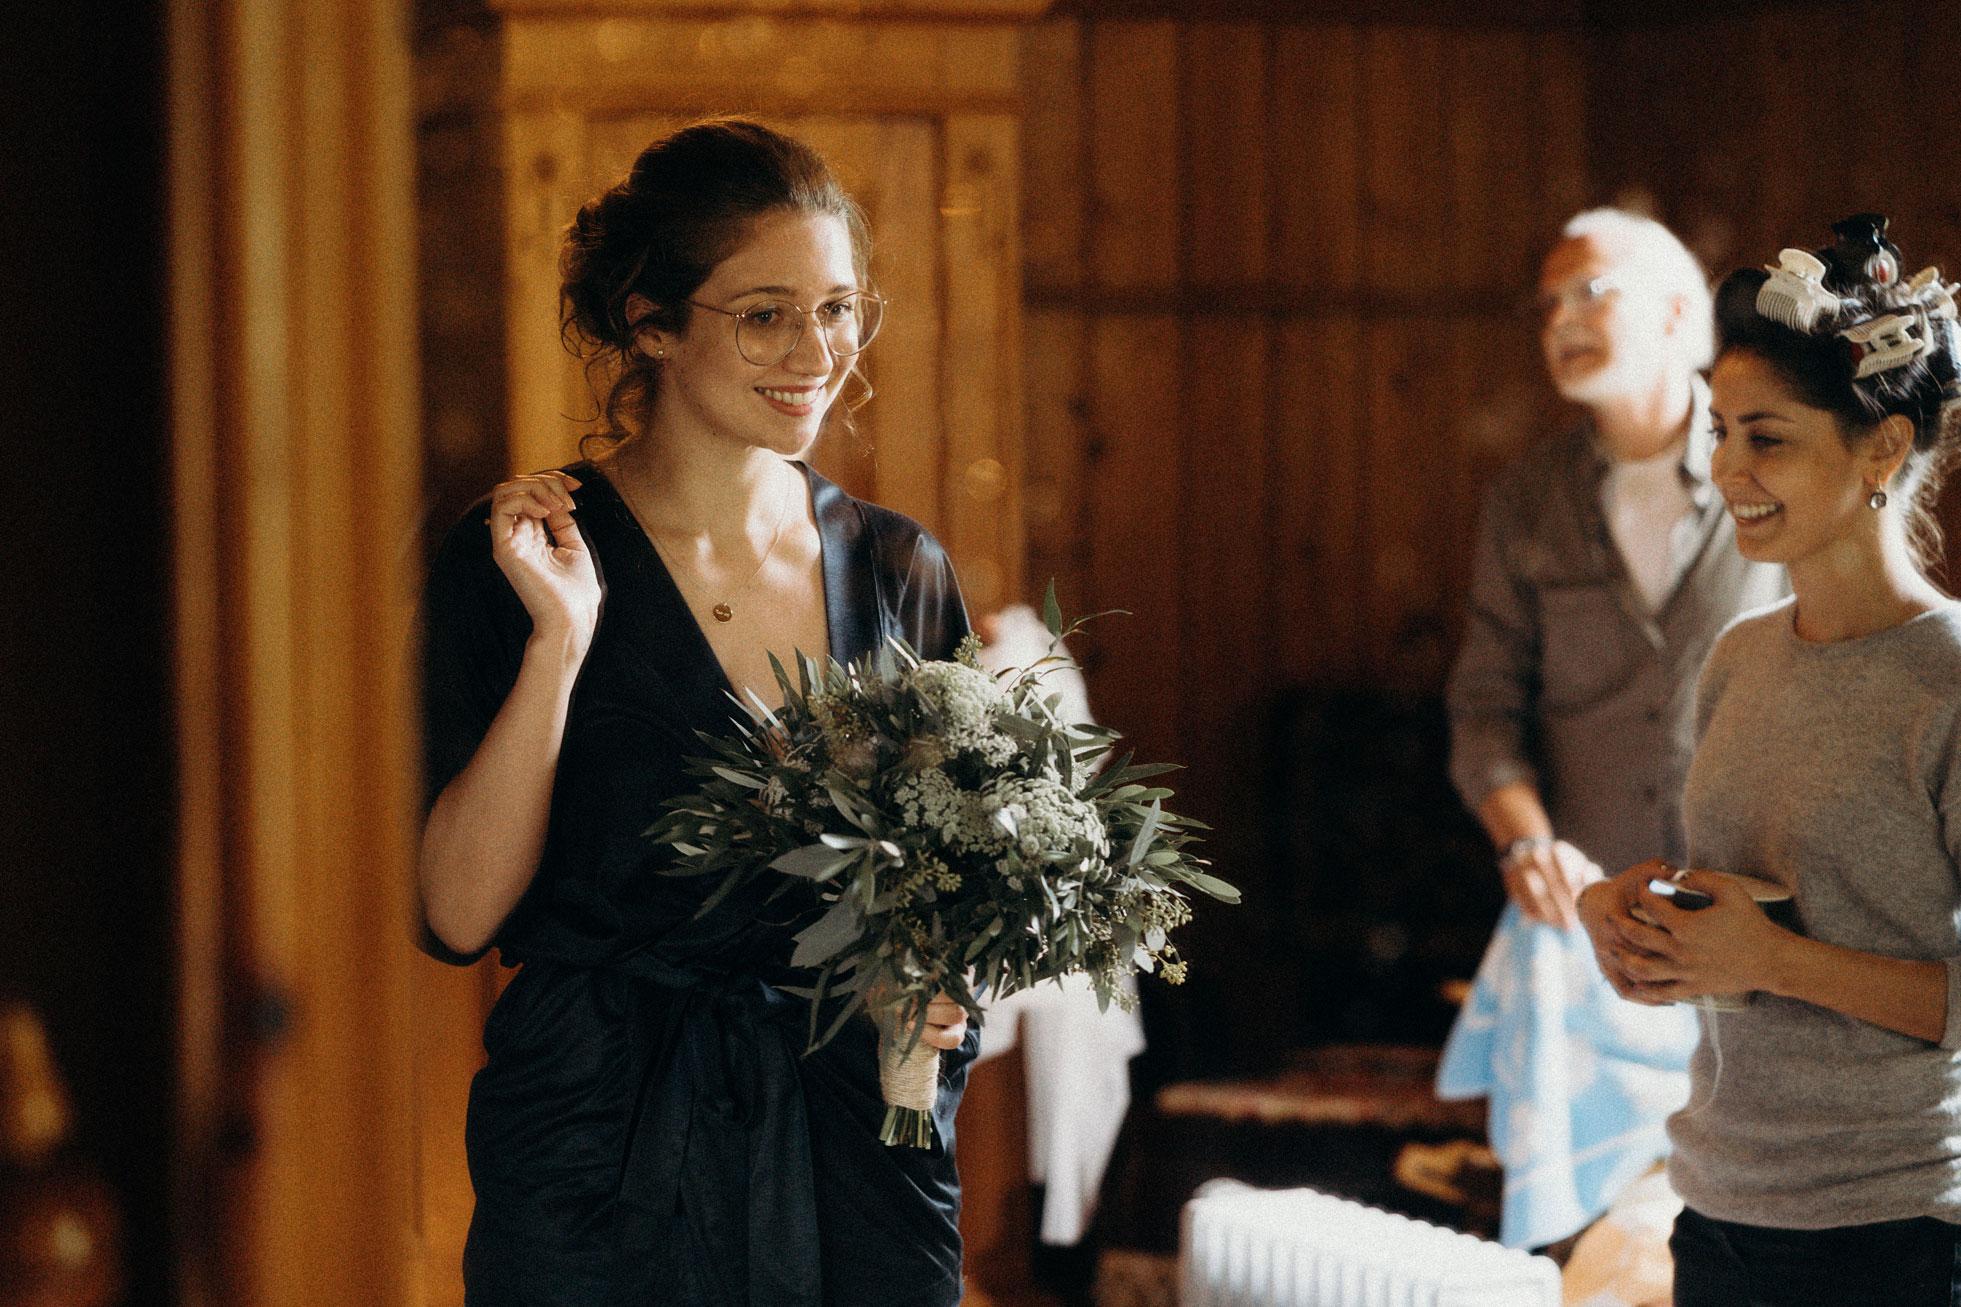 Hochzeit_Claire_Manuel_Villa_Maund_Daniel_Jenny-16.jpg